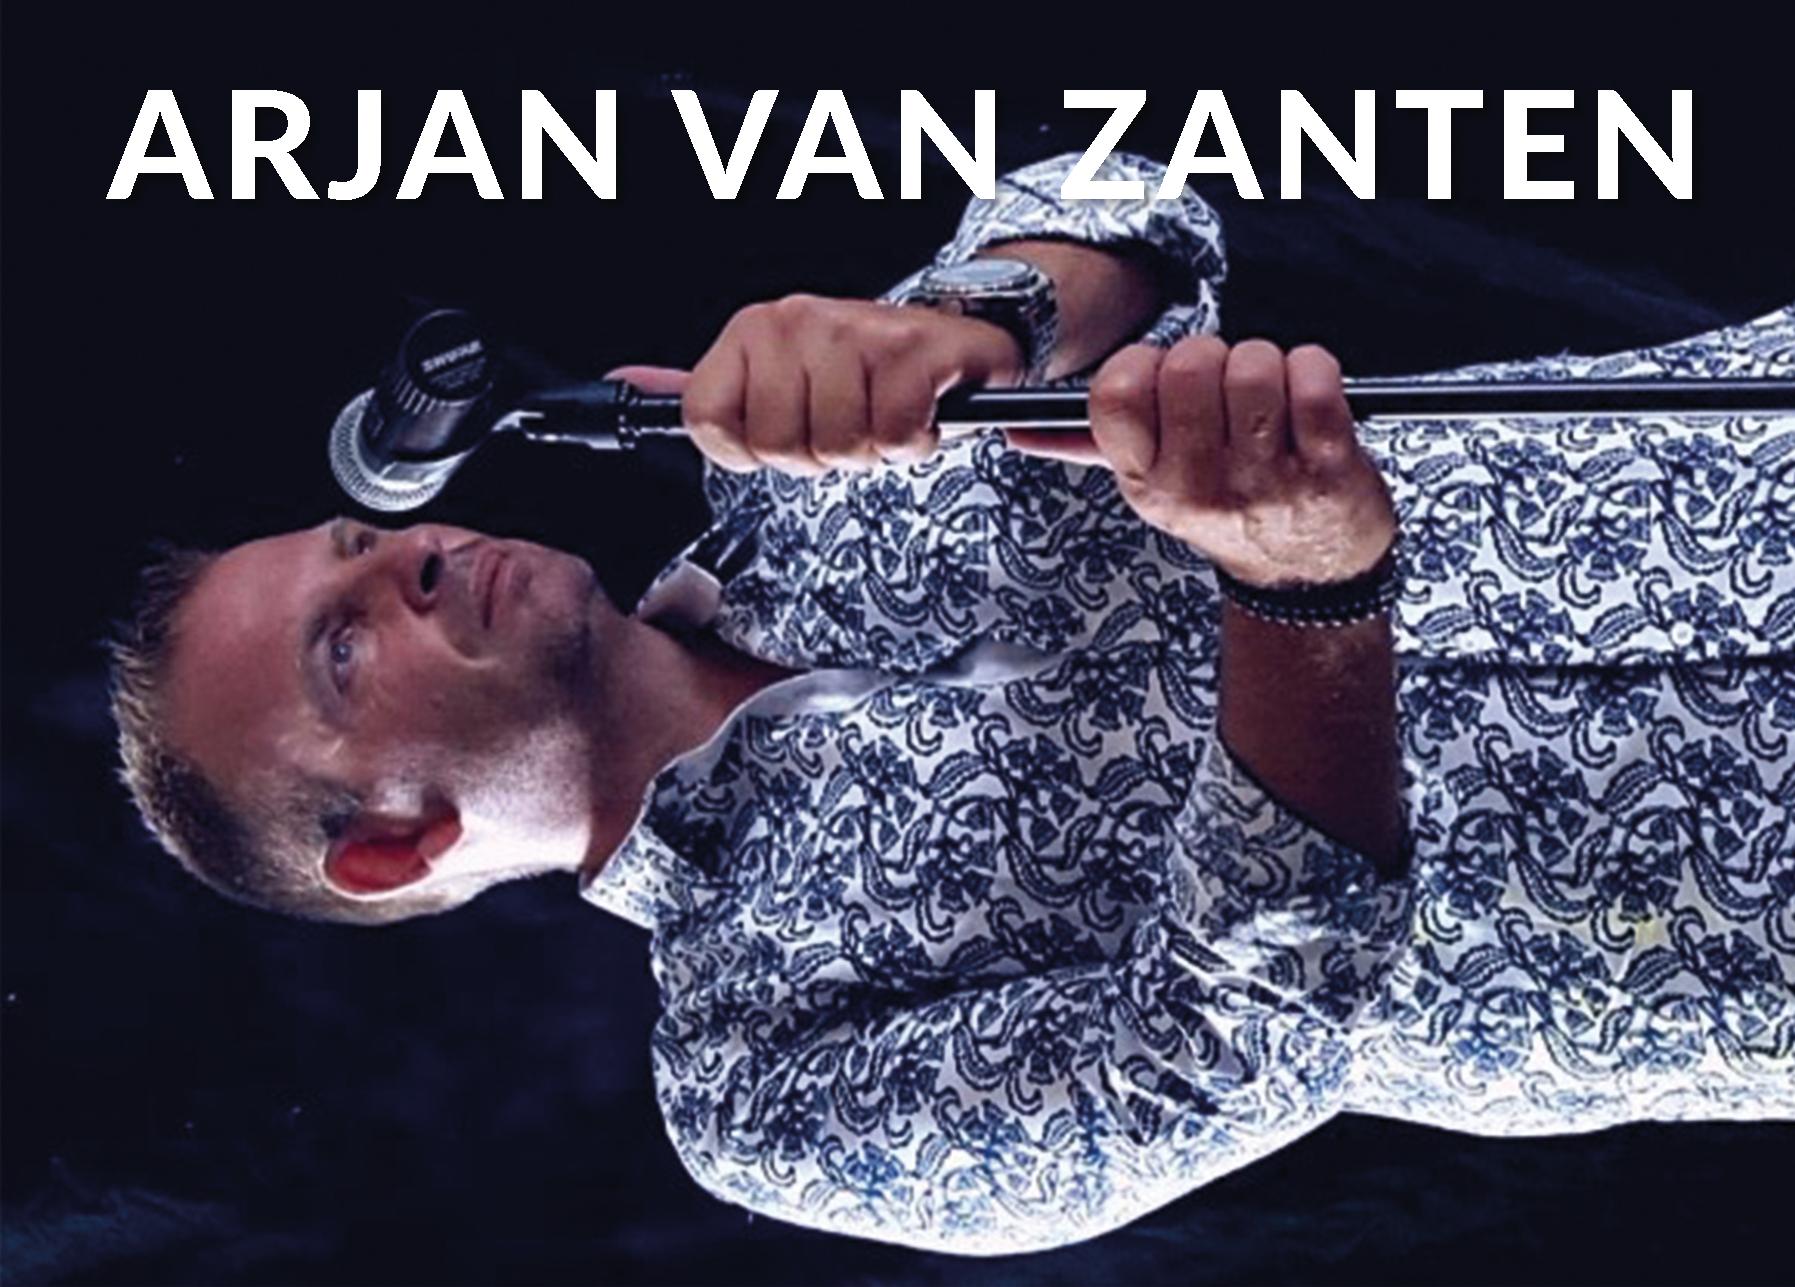 Double-You-Music-NL-Arjan-van-Zanten-Fotokaart-Voorkant